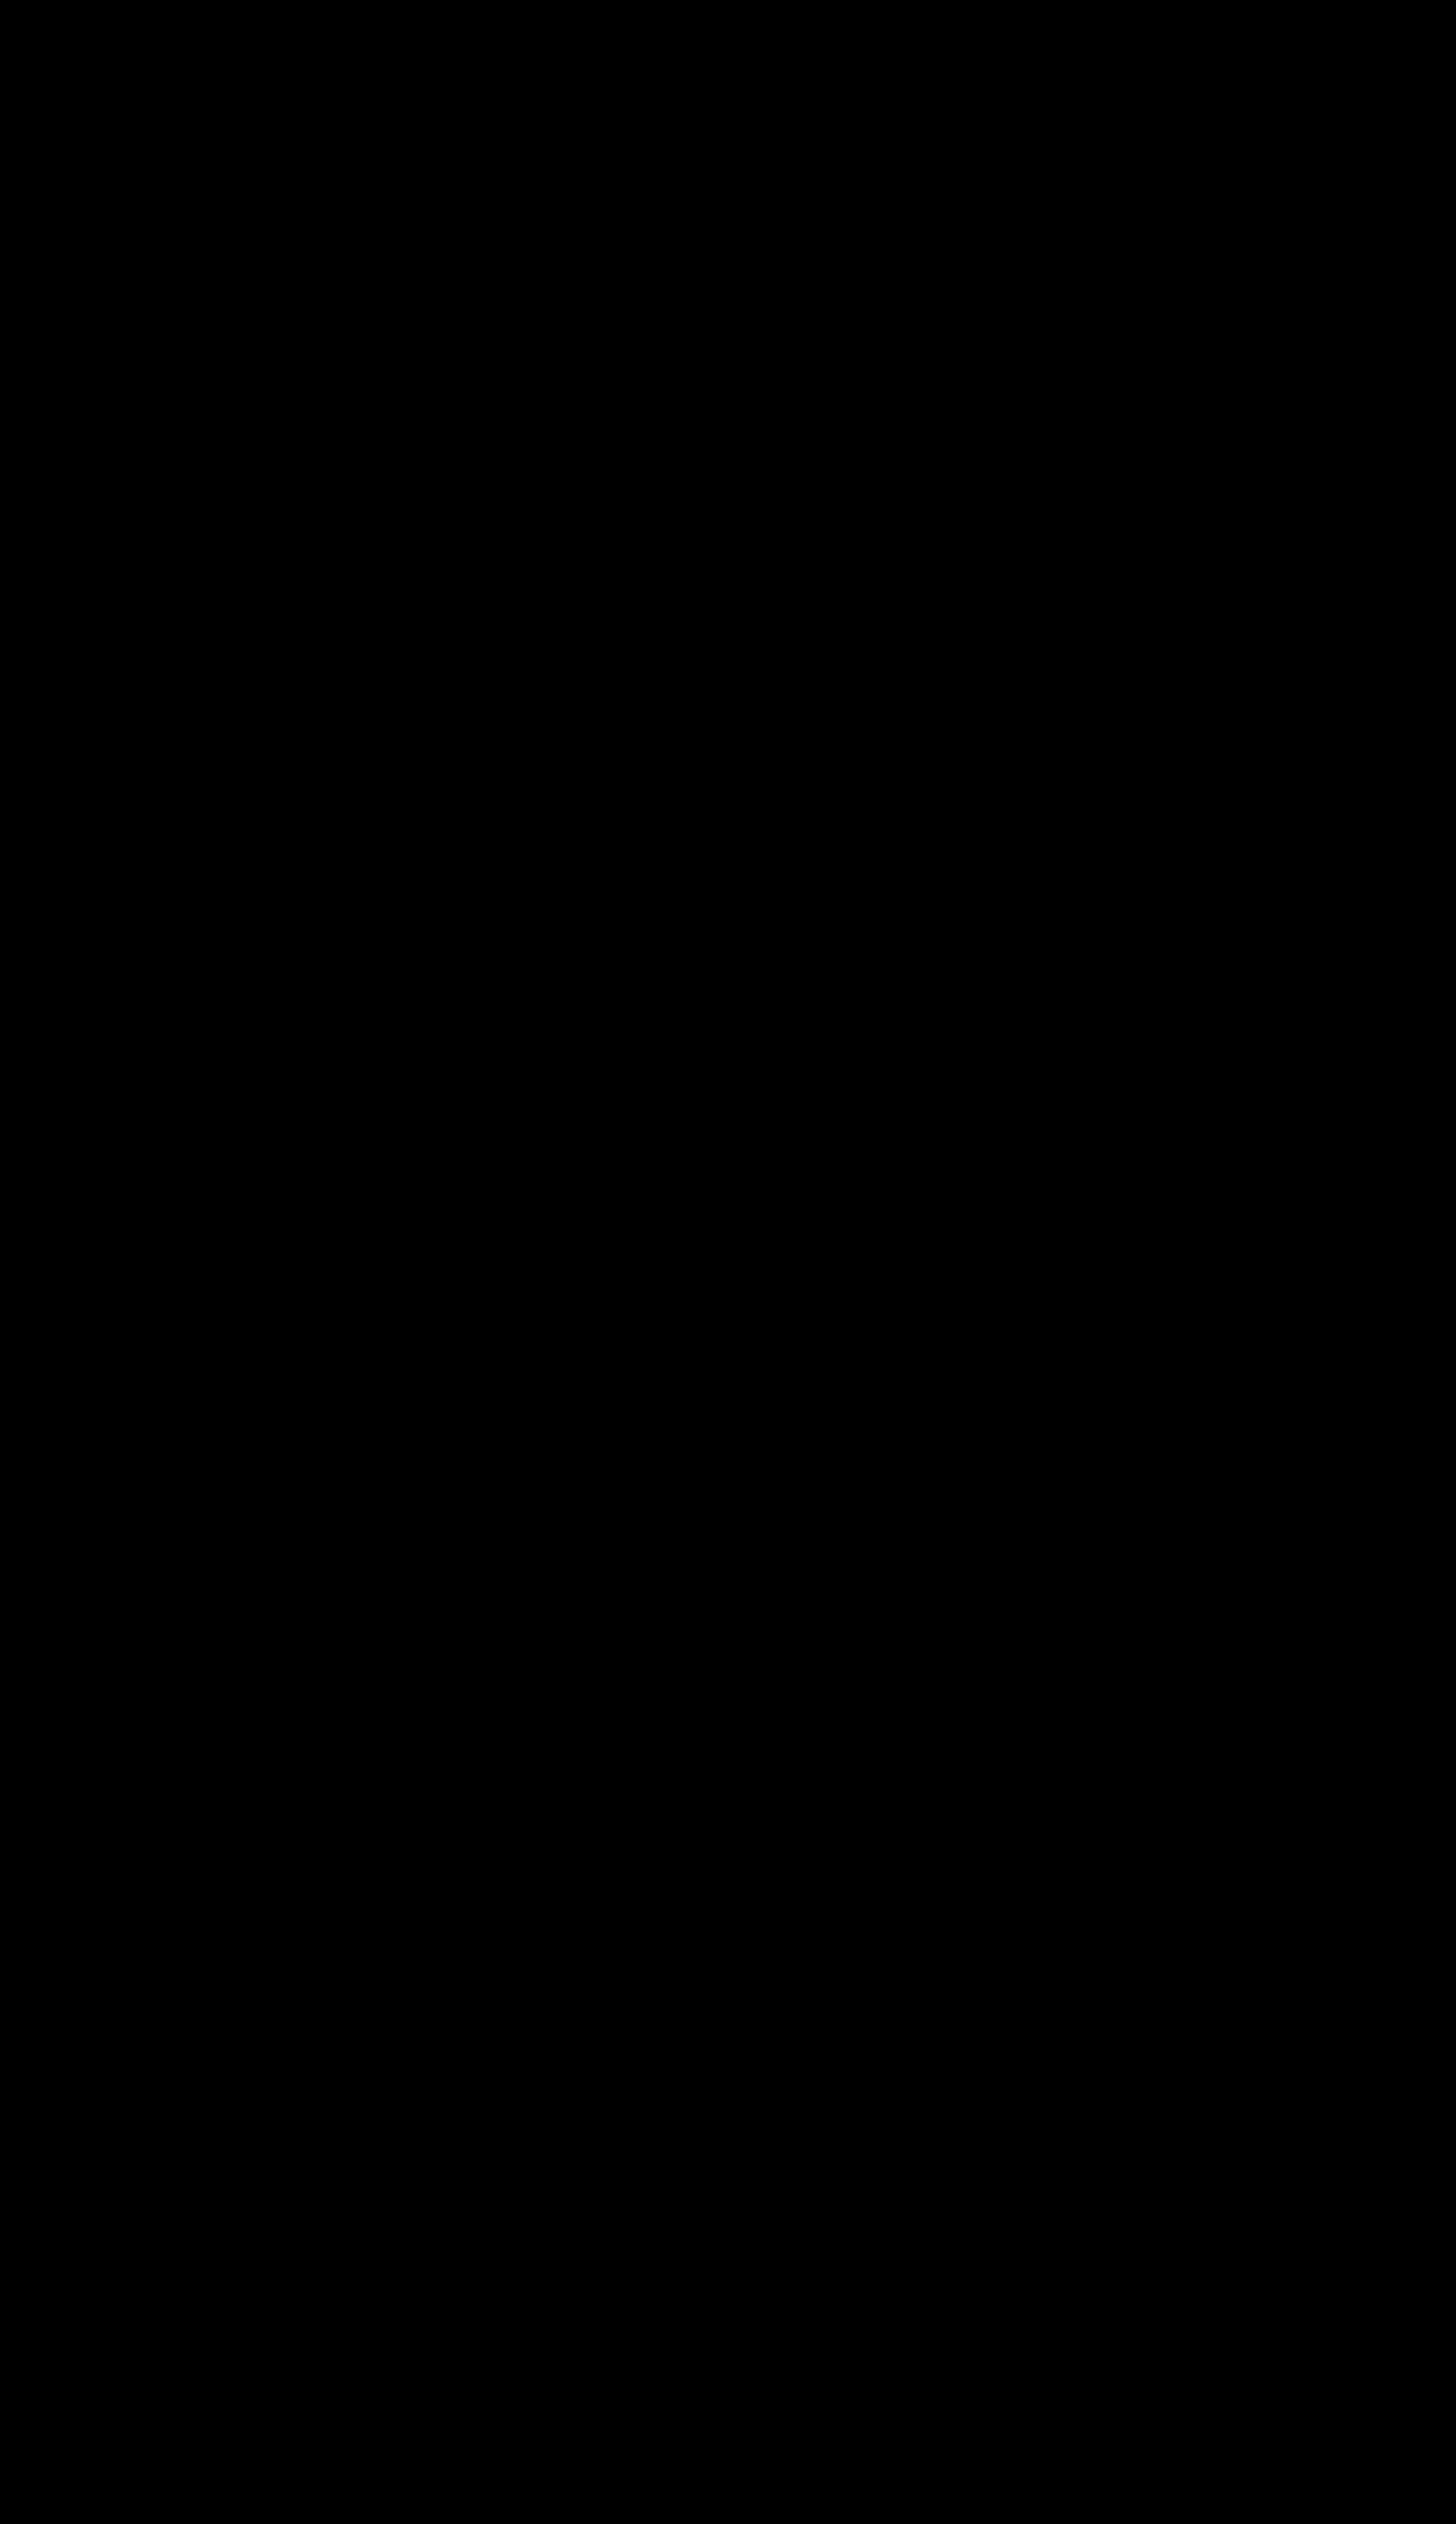 Free Download 2019 Monthly Desktop Mobile Calendar Wallpaper Calendar Wallpaper Modern Calendar Modern Calendar Design